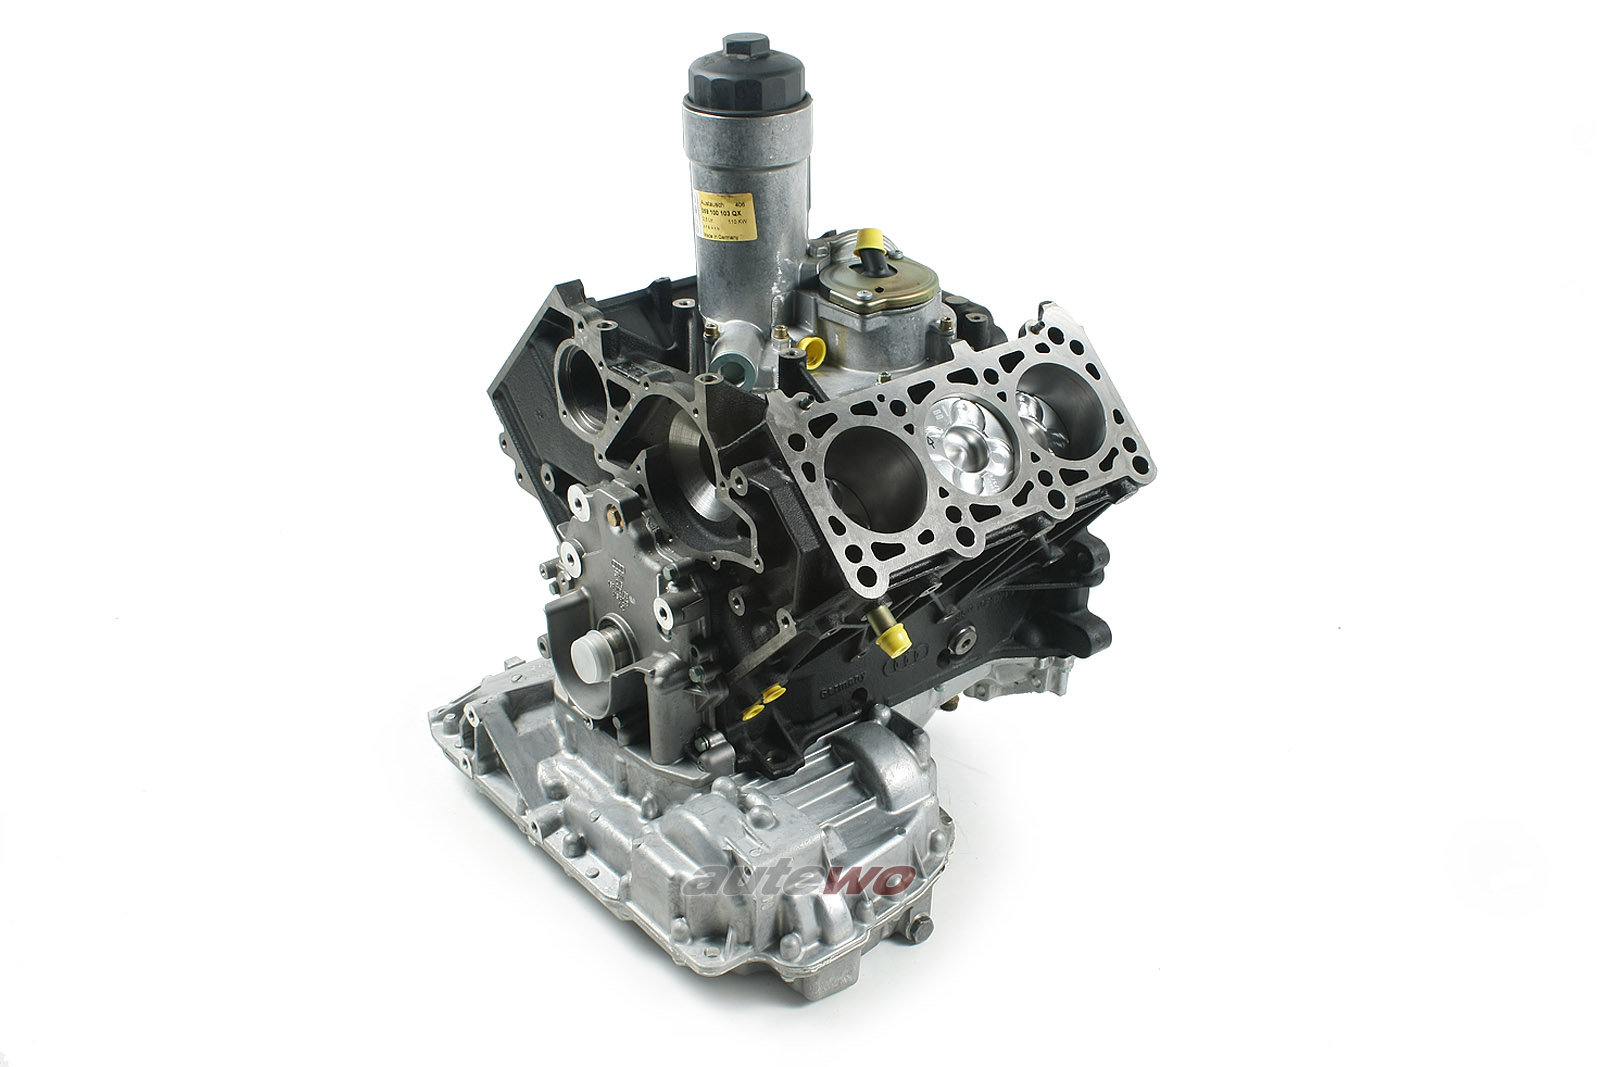 059100103QX NEU Audi/VW A4 B5/A6 4B/A8 D2 2.5l TDI AFB/AKN Motorblock komplett